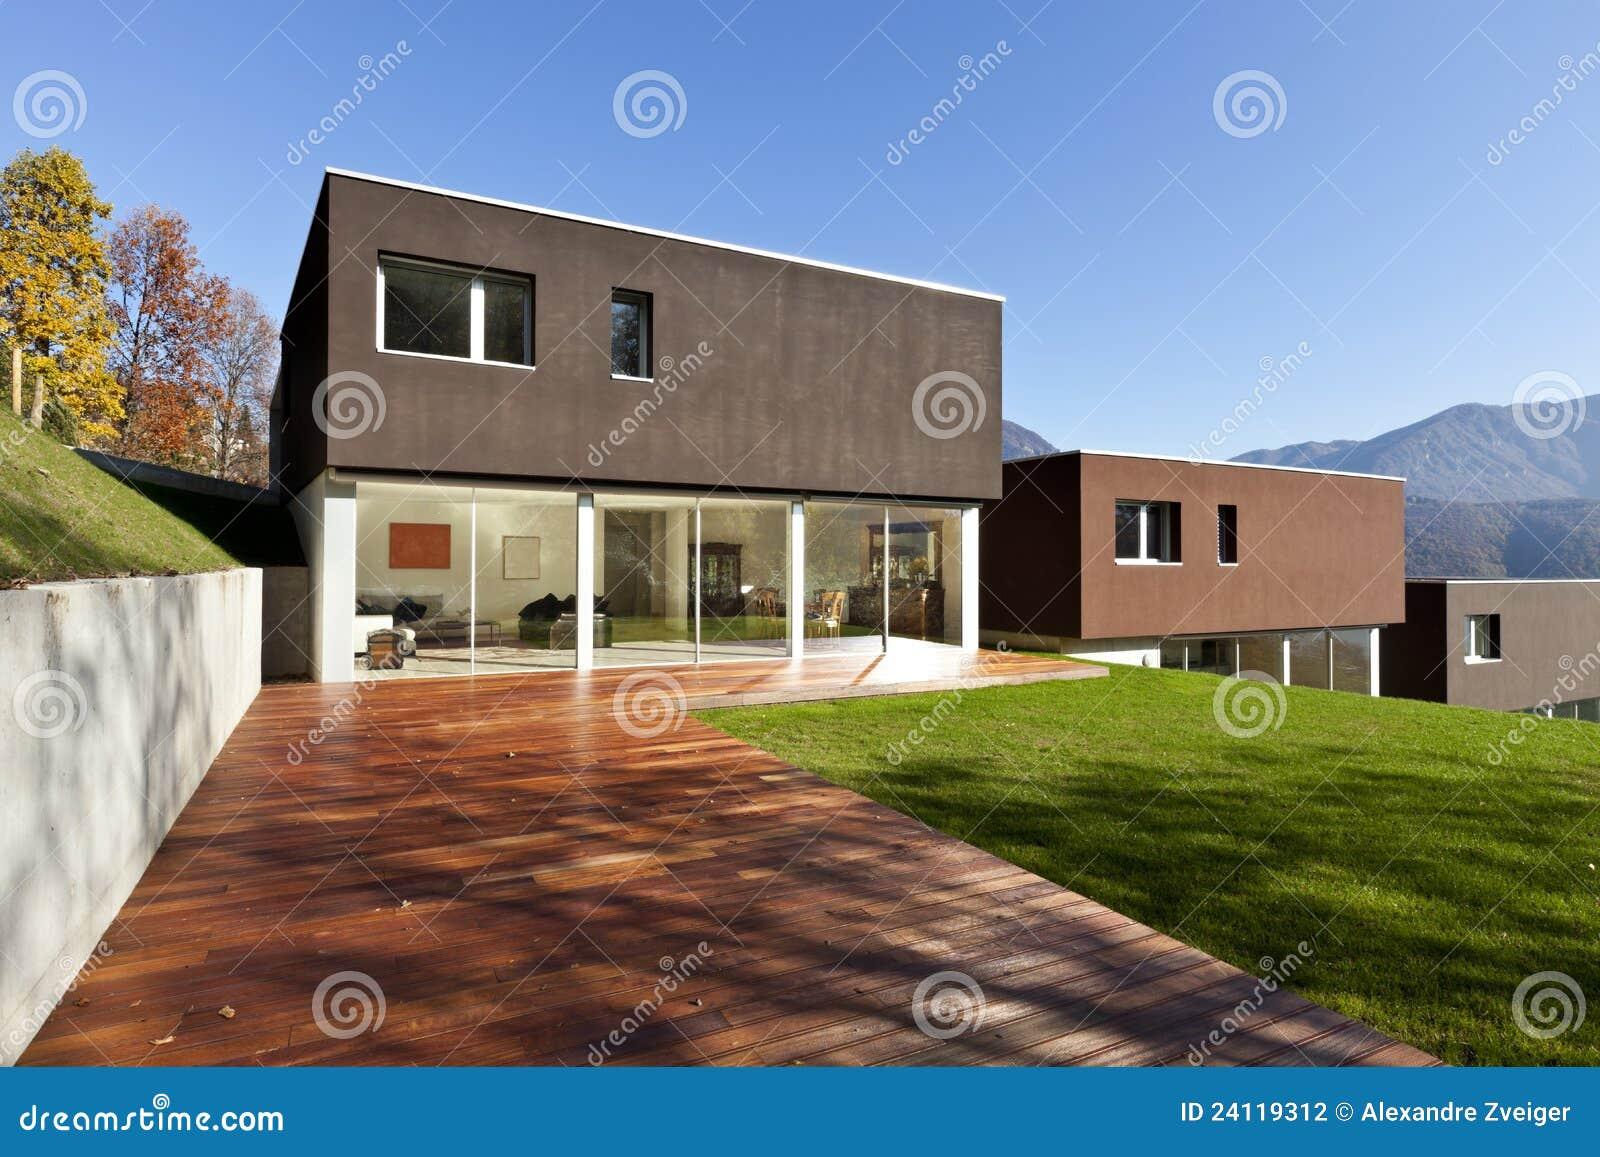 Moderne Häuser mit Garten stockfoto. Bild von wohnung - 24119312